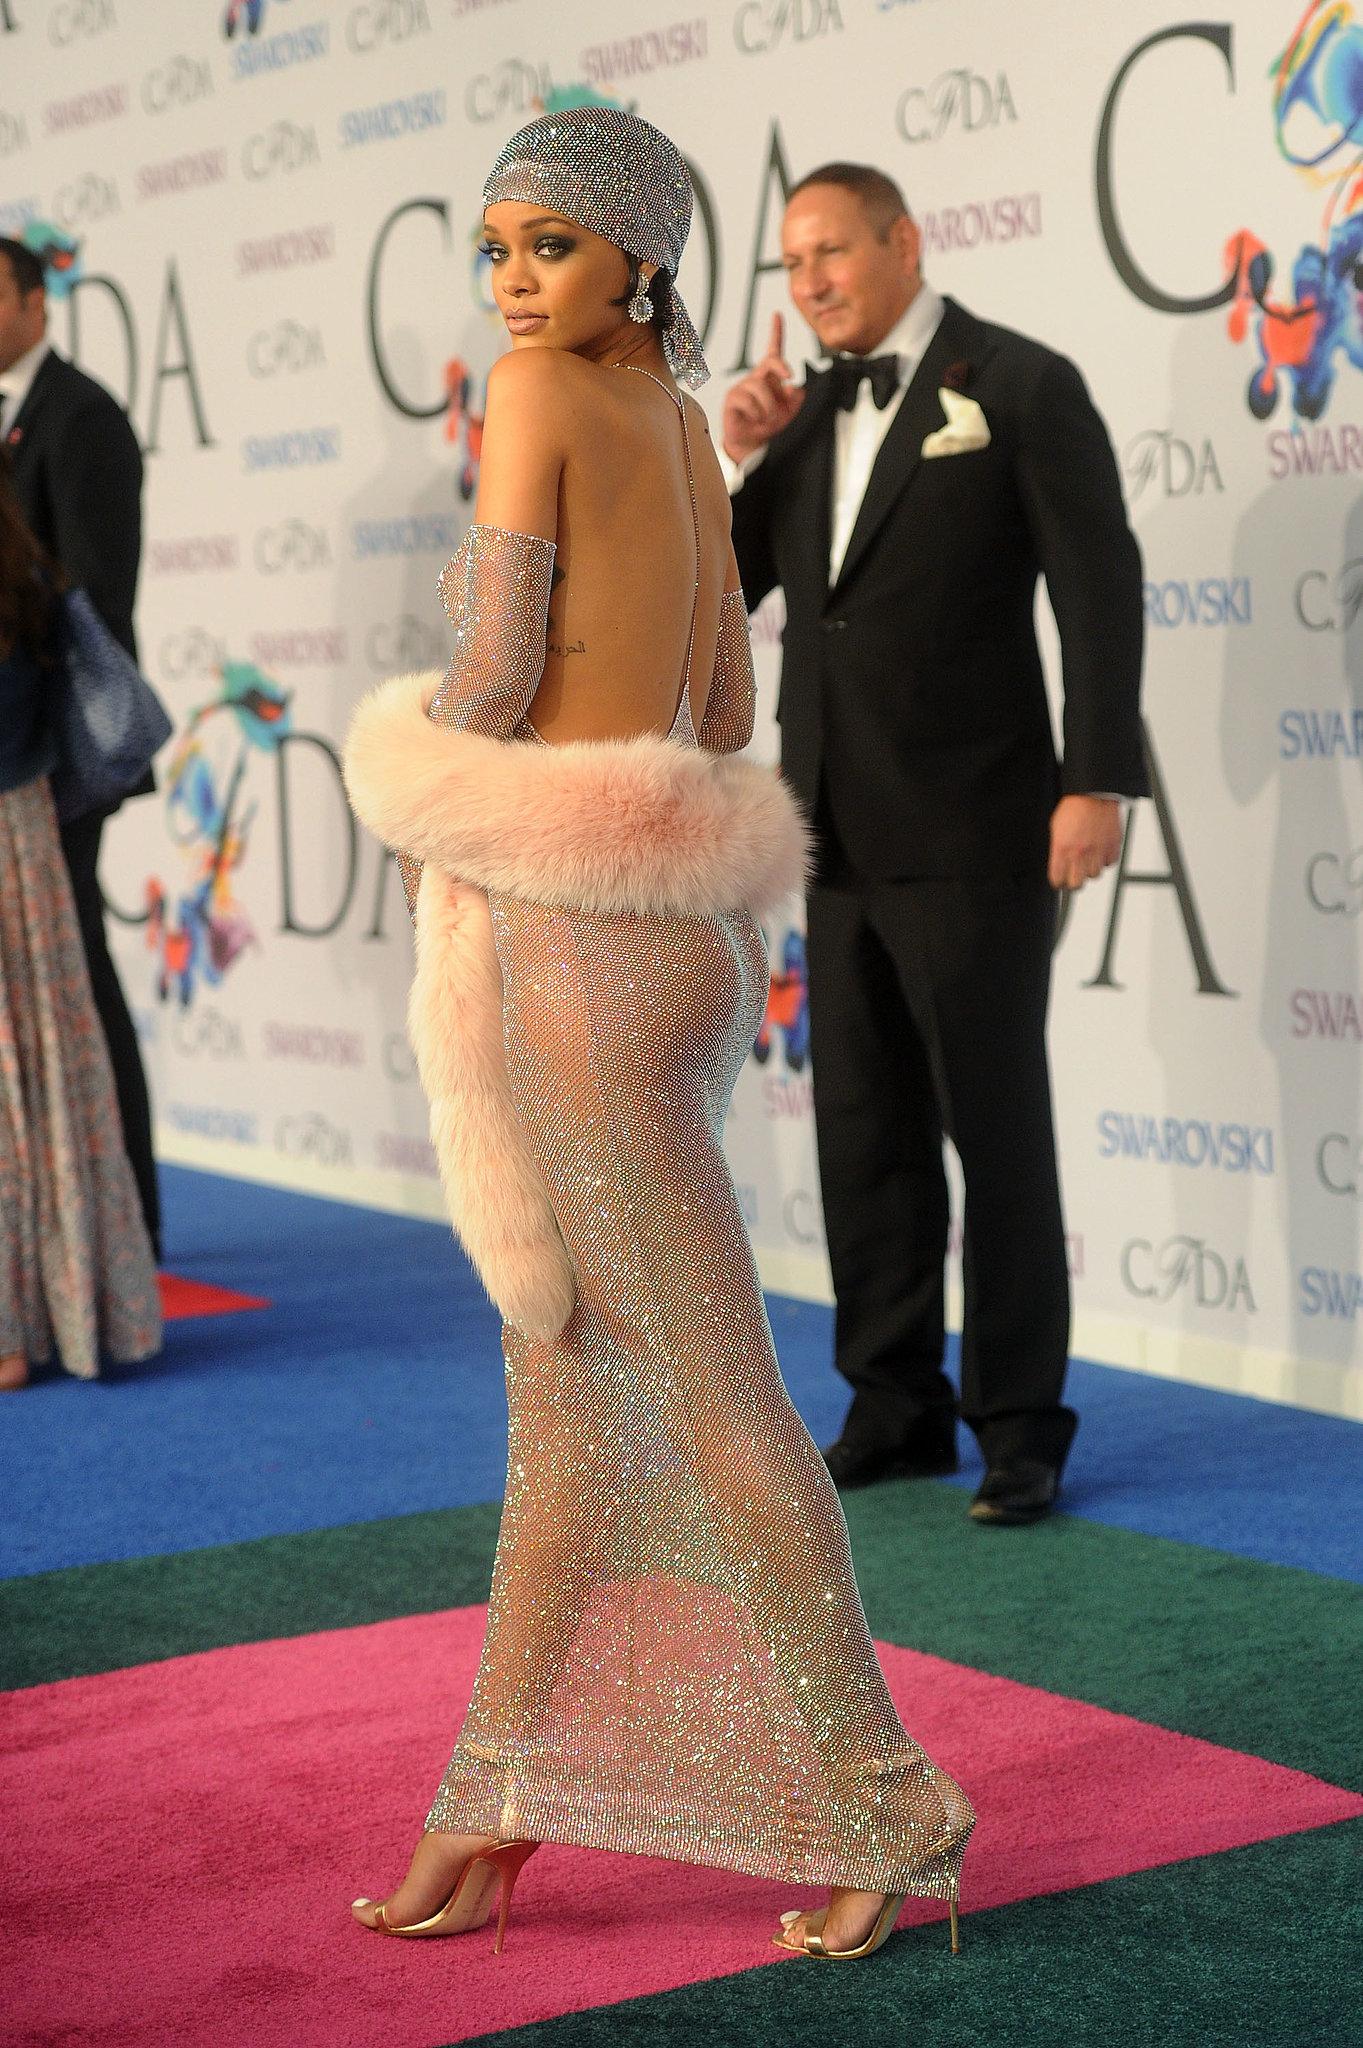 Rihanna showed off her backside.